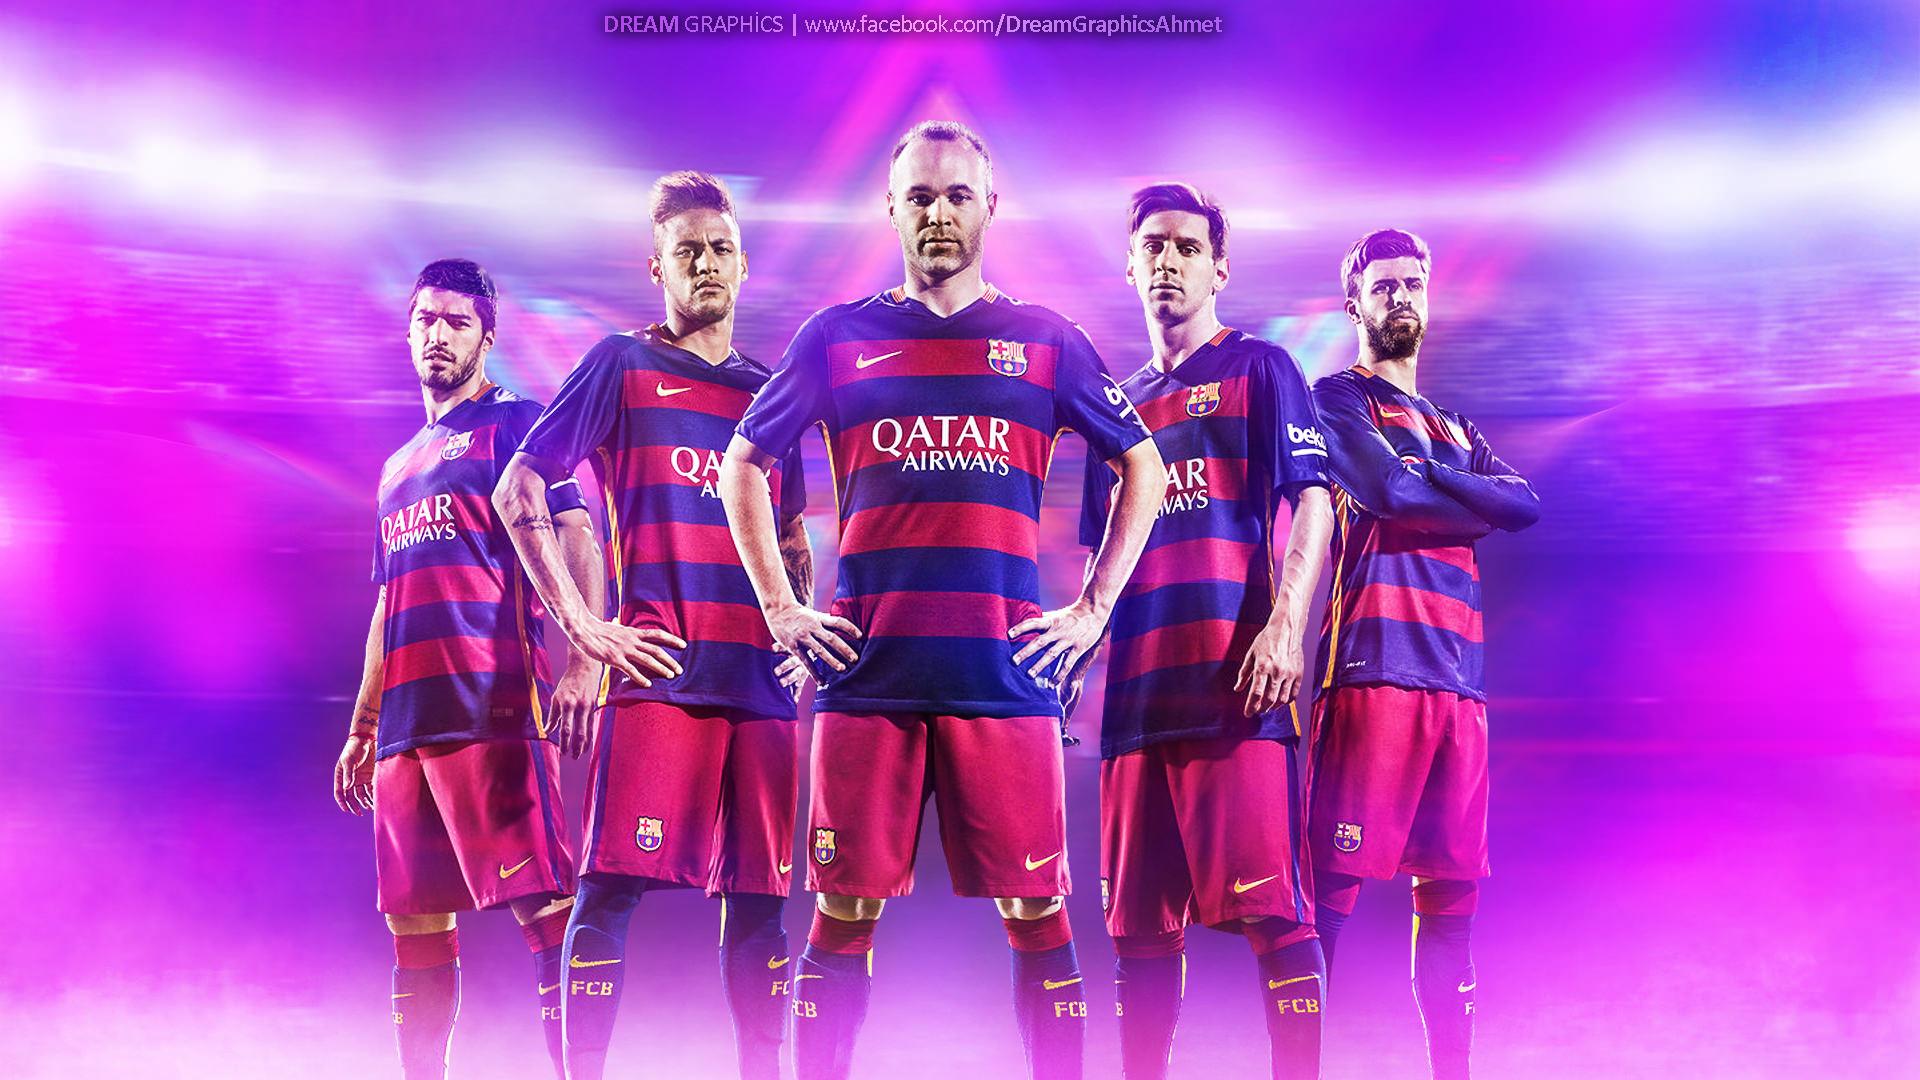 Filename: FC-Barcelona-2015-2016-Football-Wallpapers-HD.jpeg